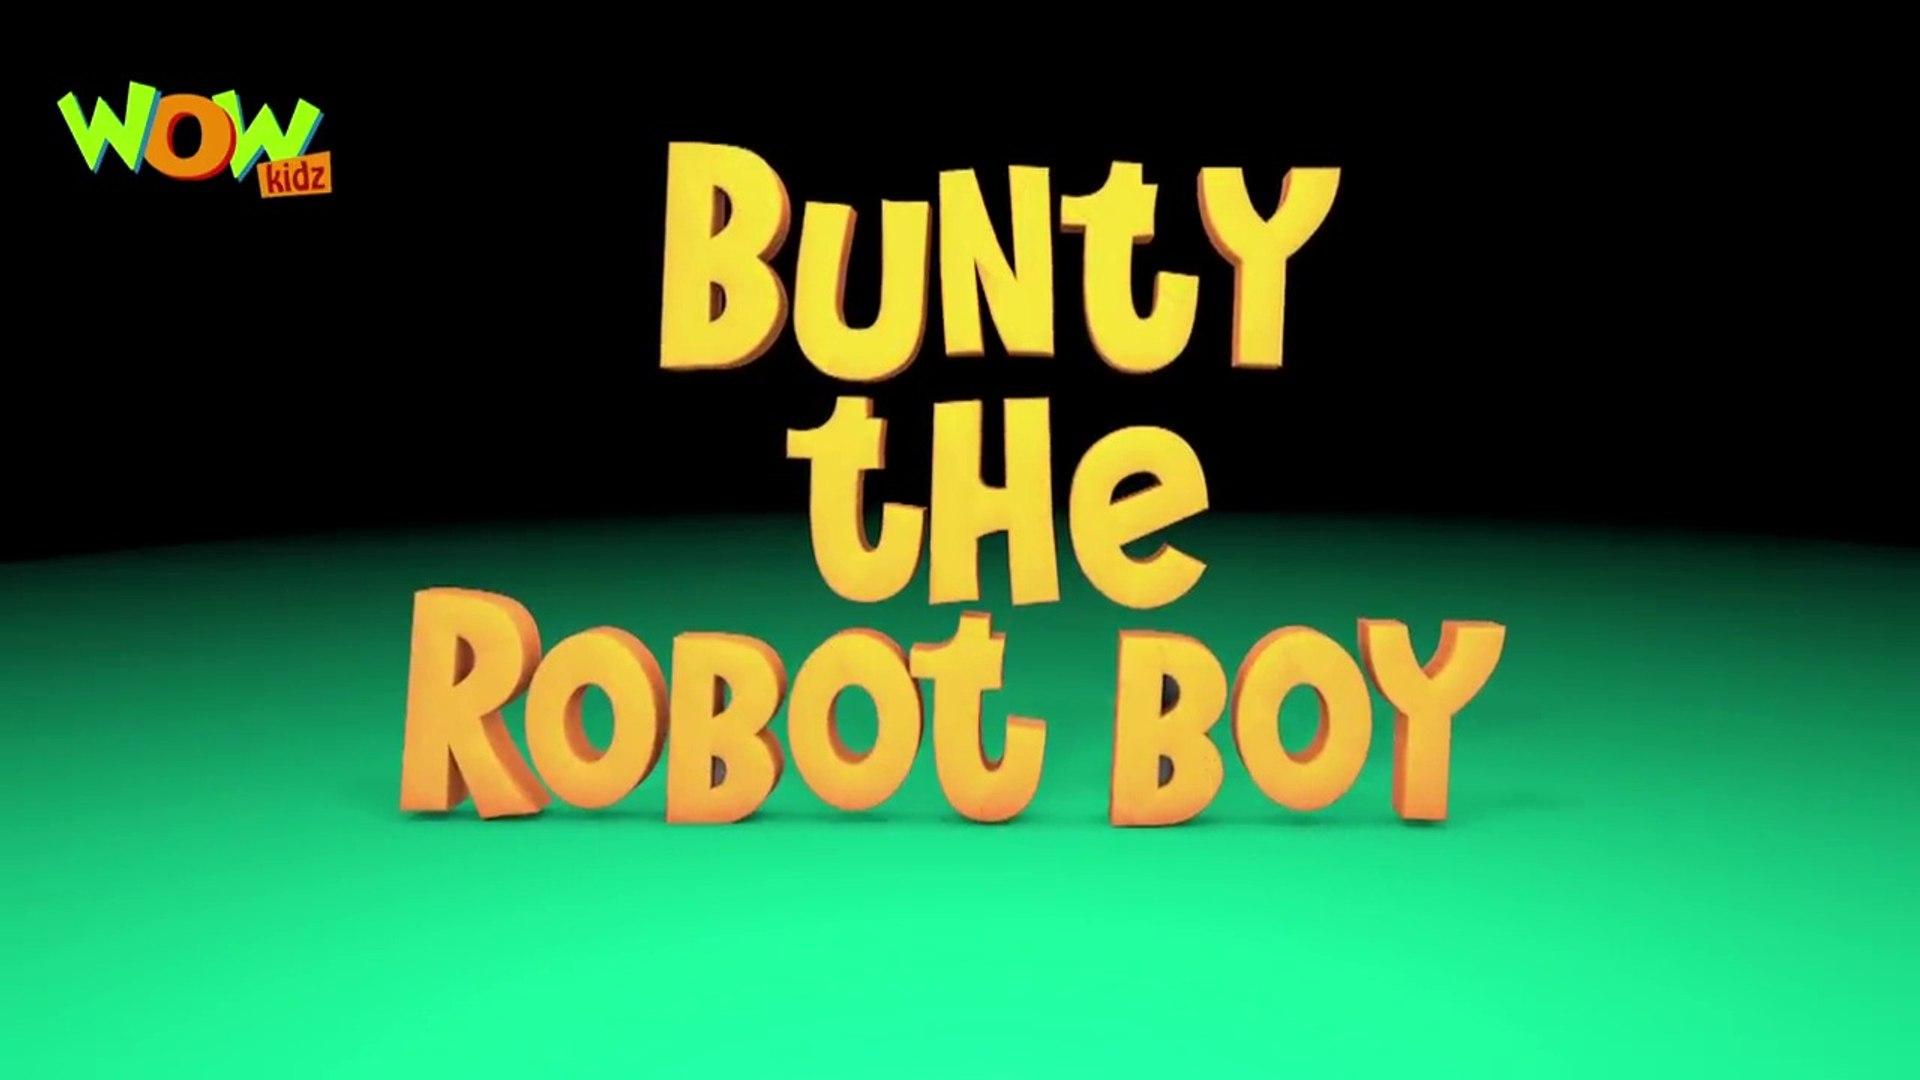 Bunty the robot boy - Vir The Robot Boy